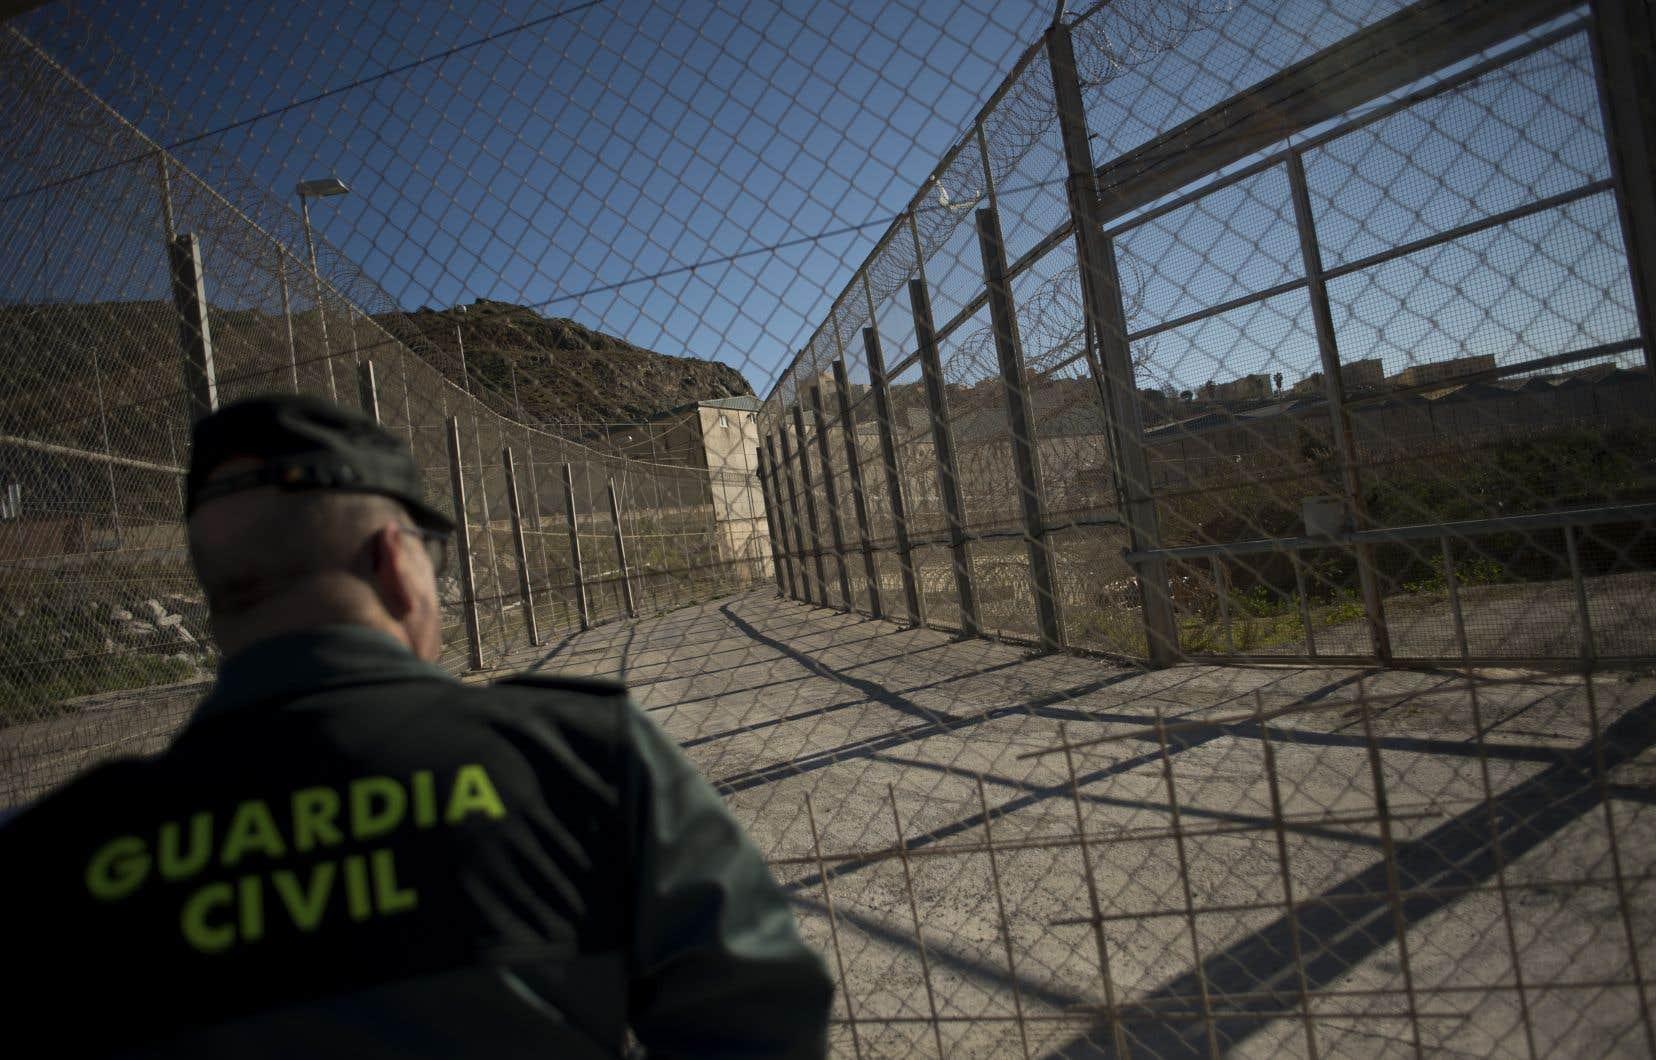 <p>Deux impressionnantes clôtures d'acier et de barbelésbarrent l'accès aux microterritoires espagnols de Ceuta et Melilla, enclavés dans le nord du Maroc.</p>